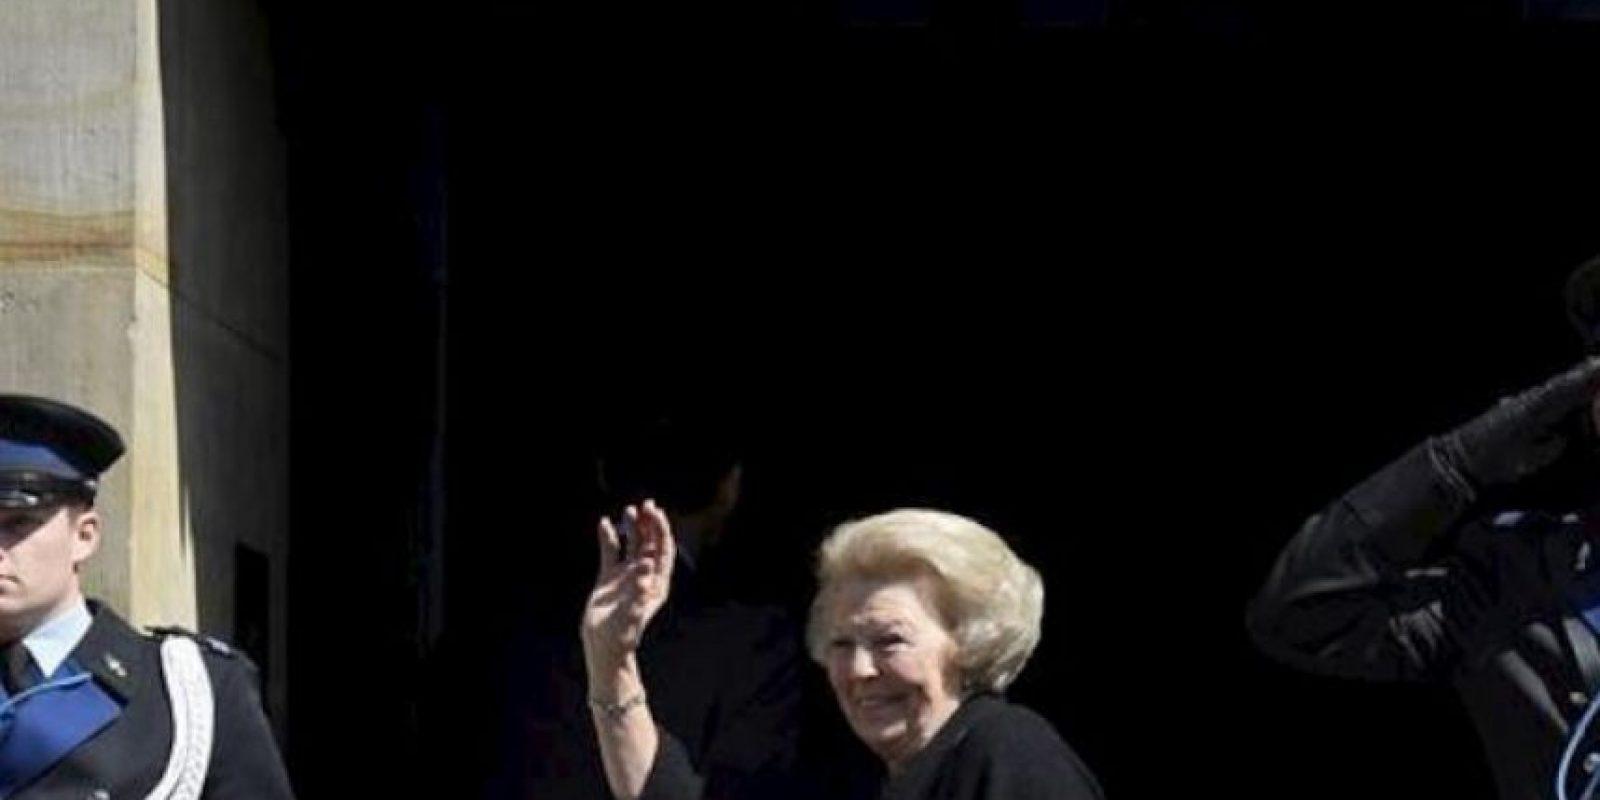 La reina Beatriz de Holanda (c) saluda a su llegada al Palacio Real, en Ámsterdam (Holanda) hoy, lunes 29 de abril de 2013. EFE